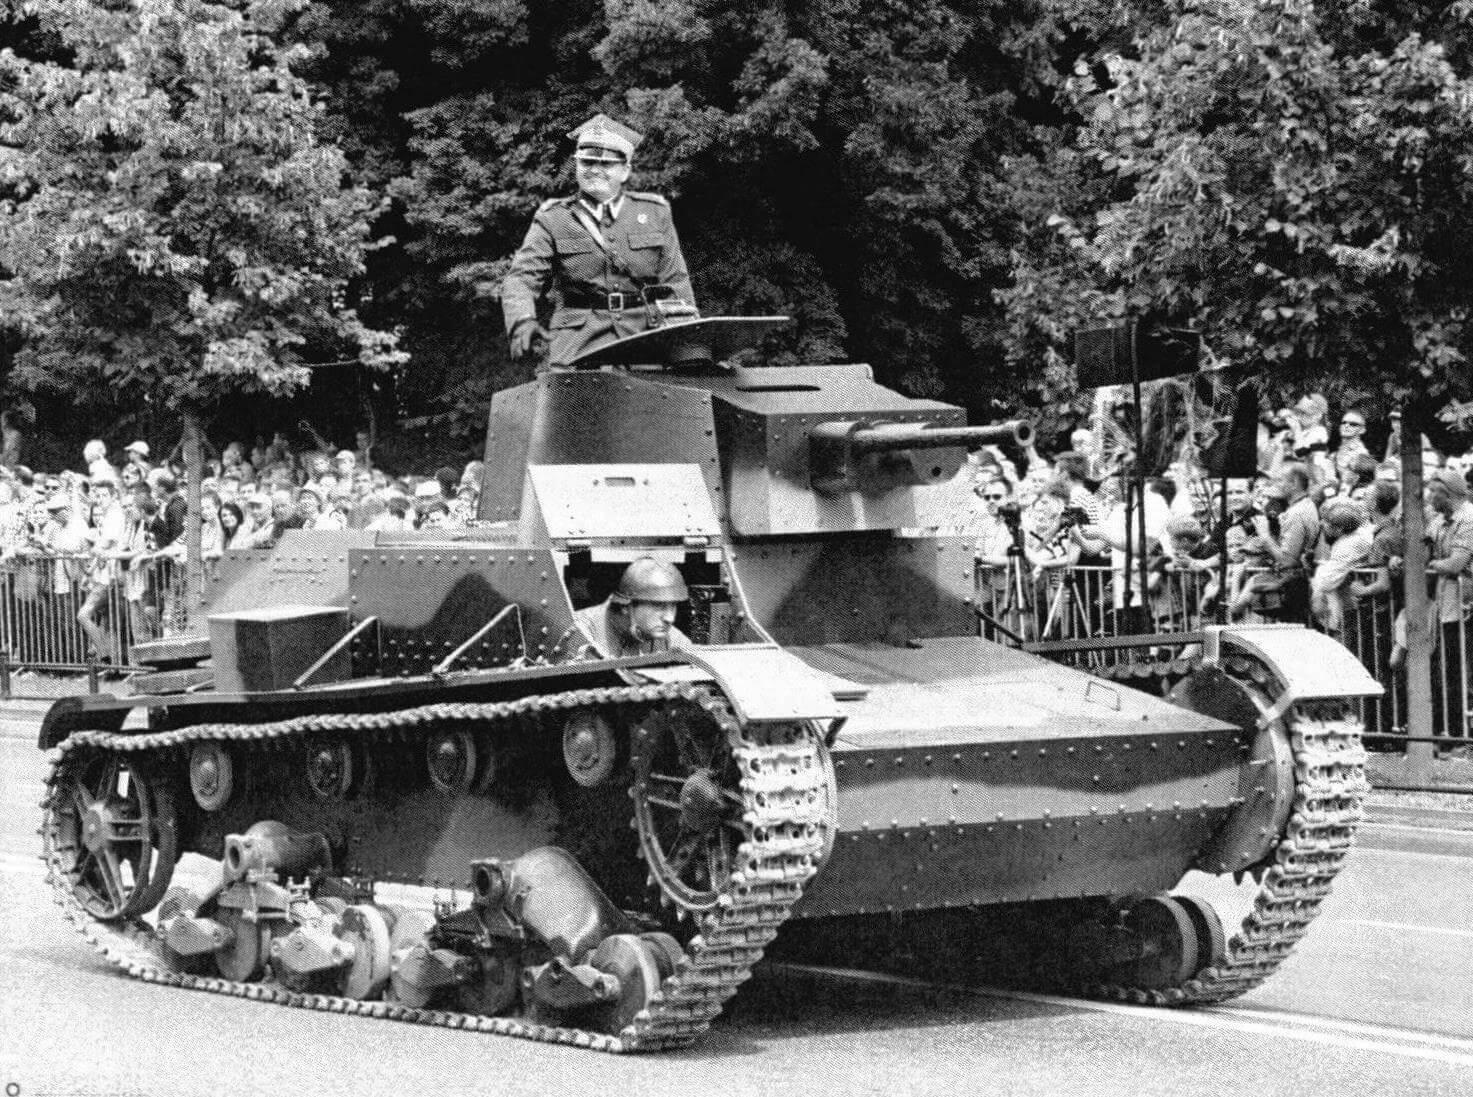 Реплика (с частичным использованием оригинальных деталей) легкого танка 7ТР на параде в Варшаве